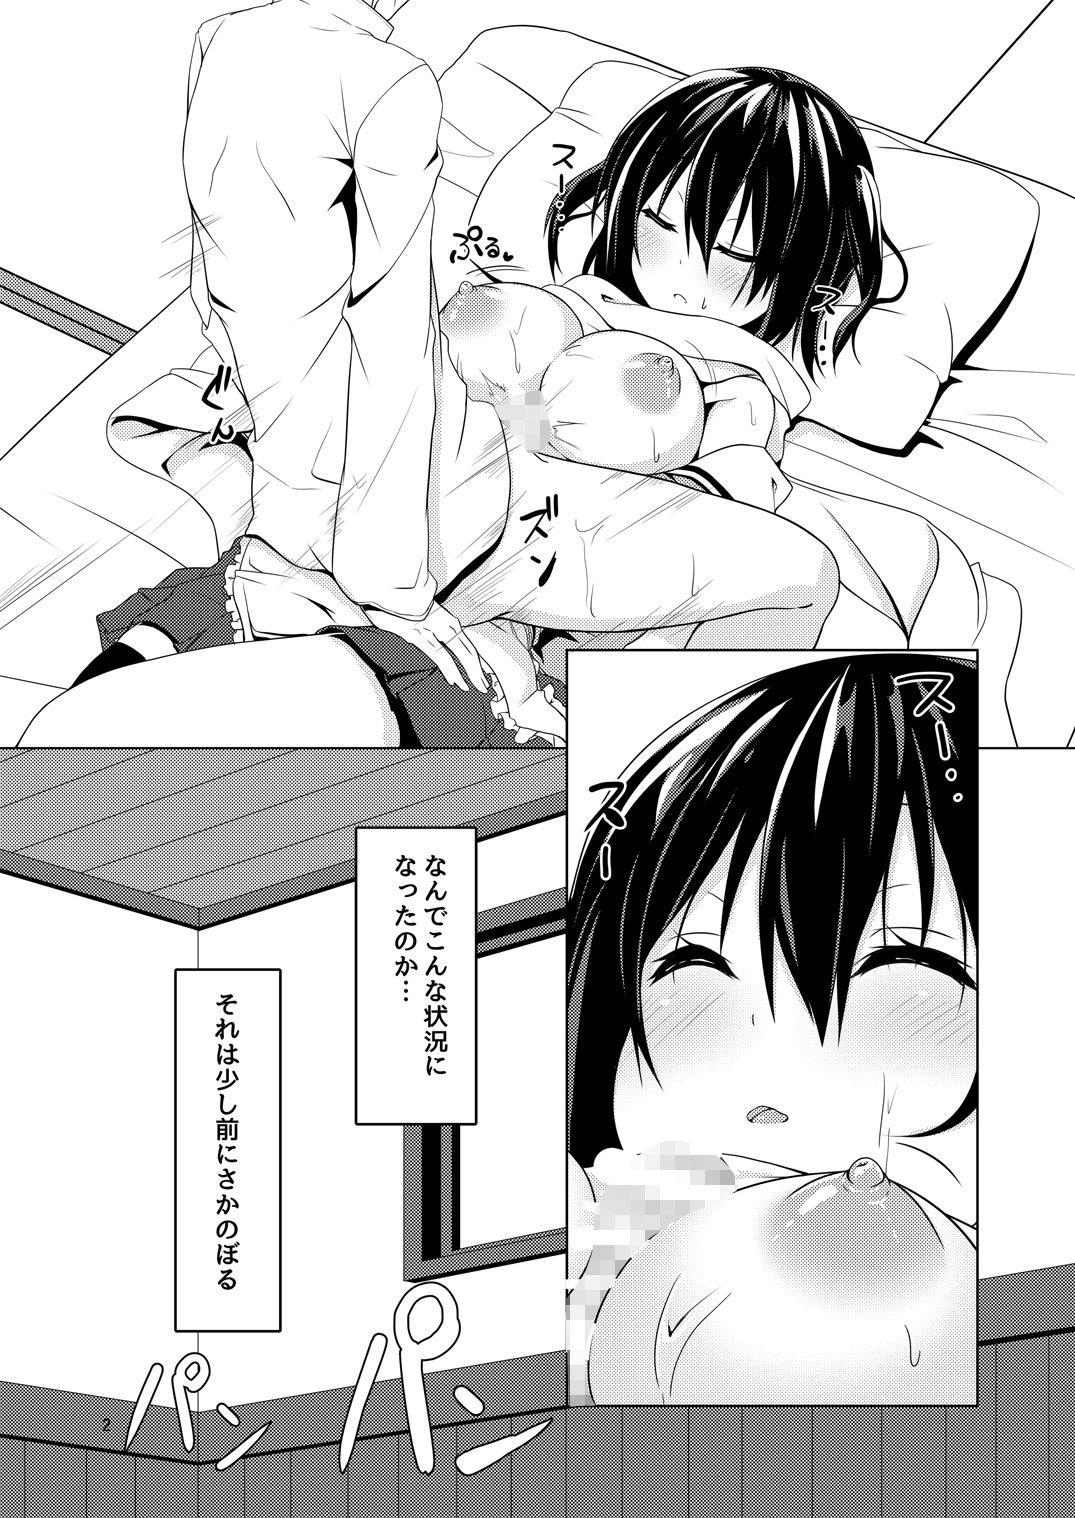 https://www.dmm.co.jp/dc/doujin/-/detail/=/cid=d_170343/